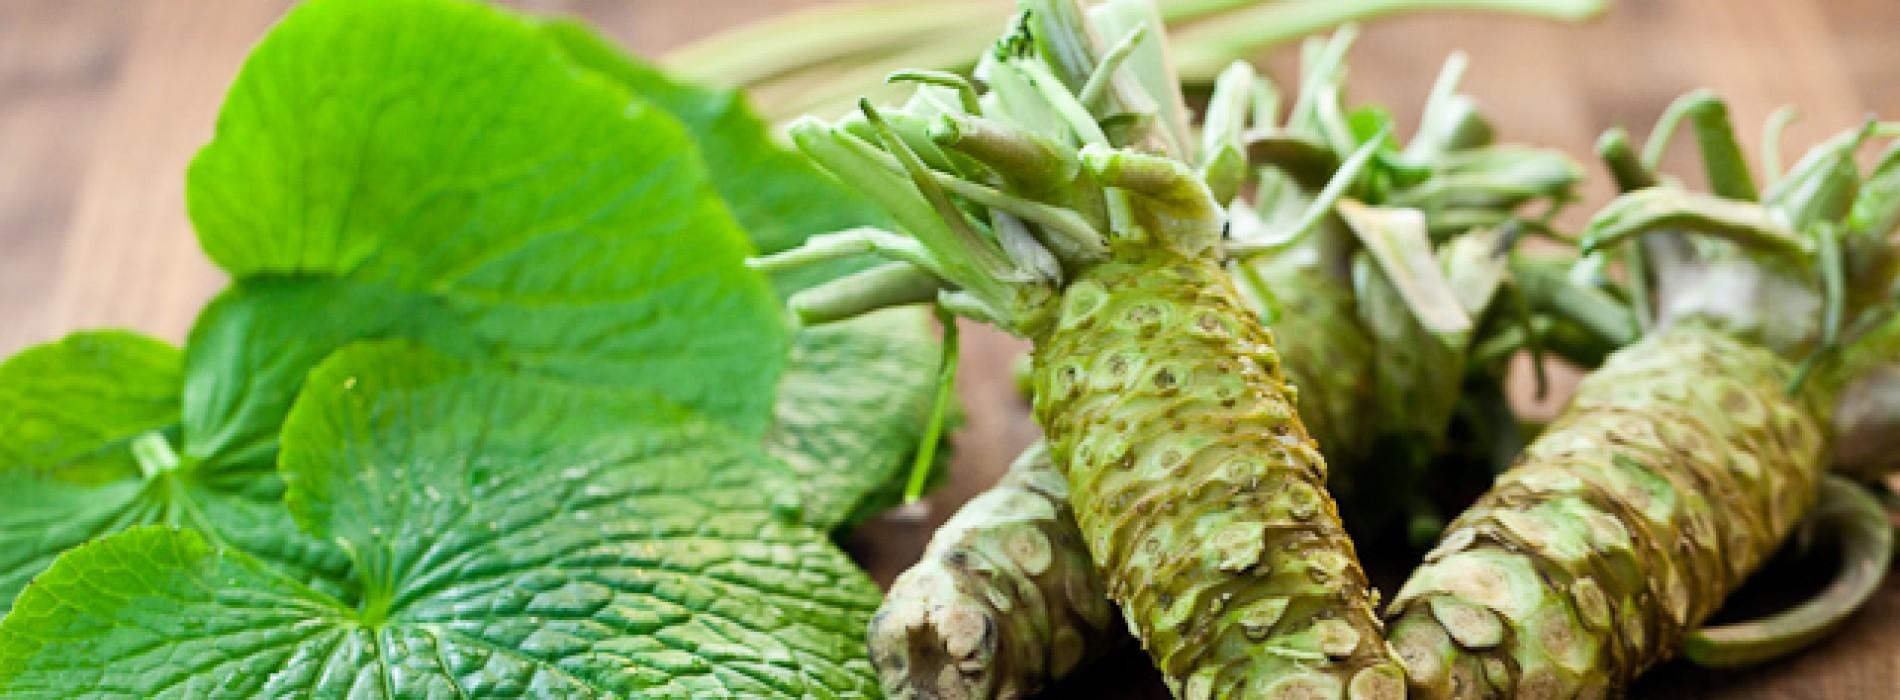 'Natuurlijke chemotherapie': Wasabi doodt kankercellen